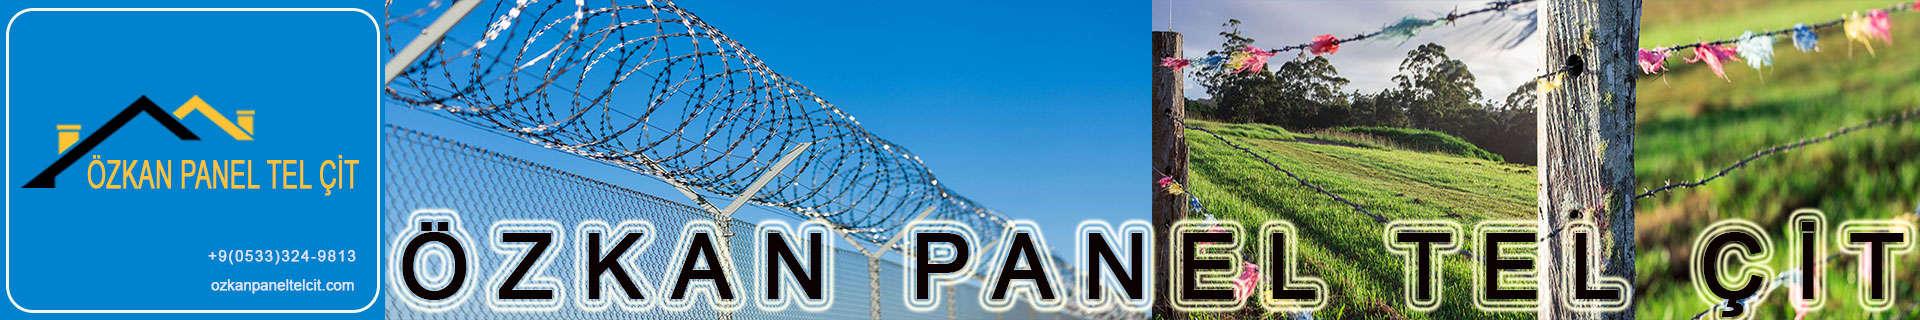 ozkan_panel_tel_cit_banner